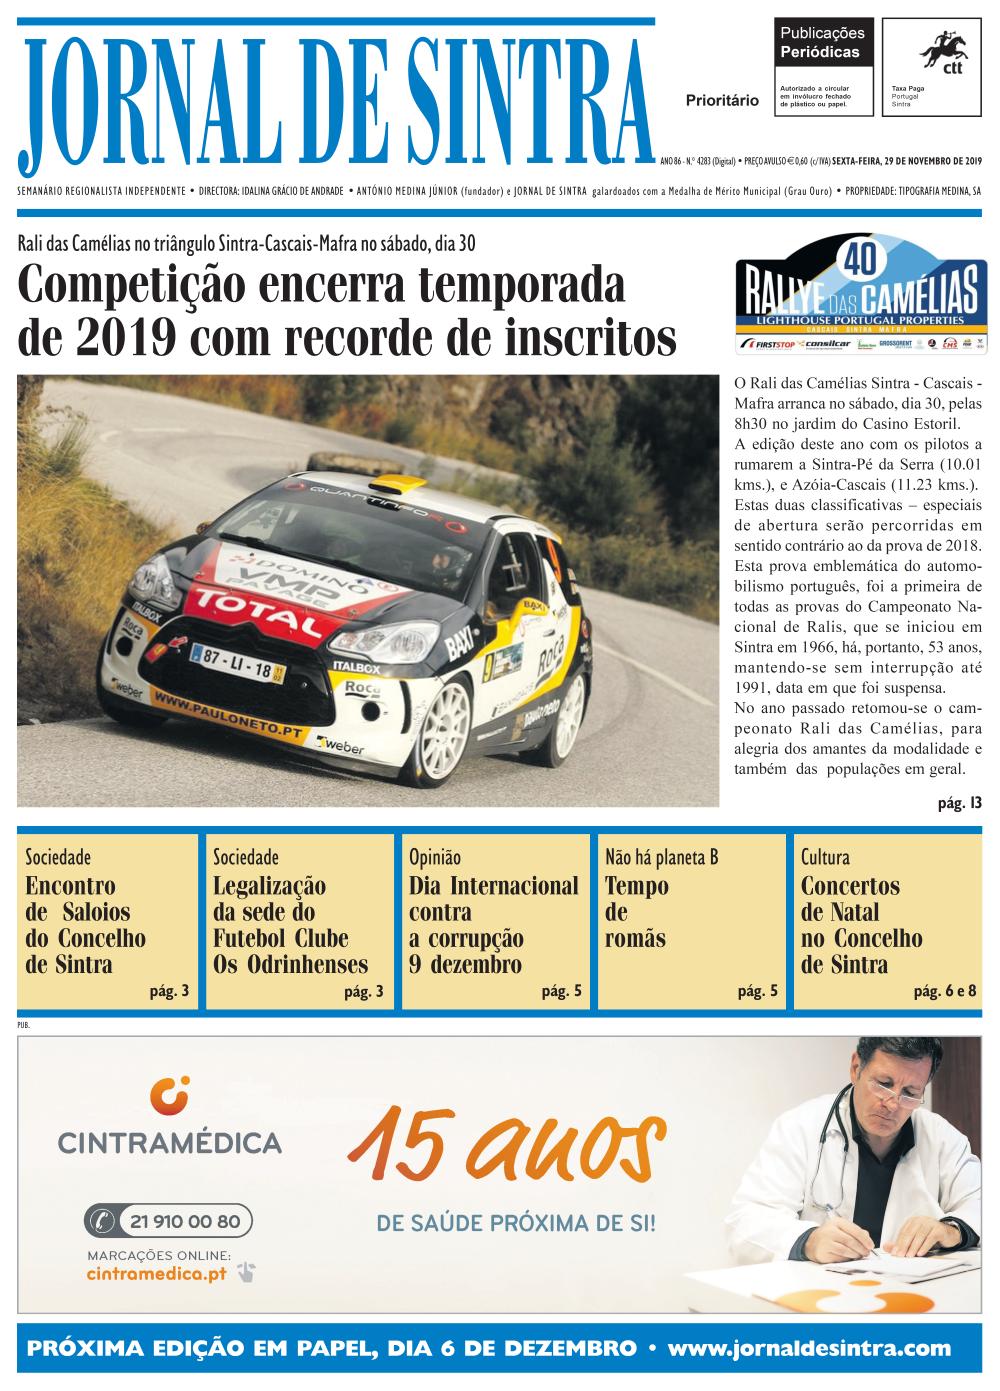 Capa da edição de 29/11/2019